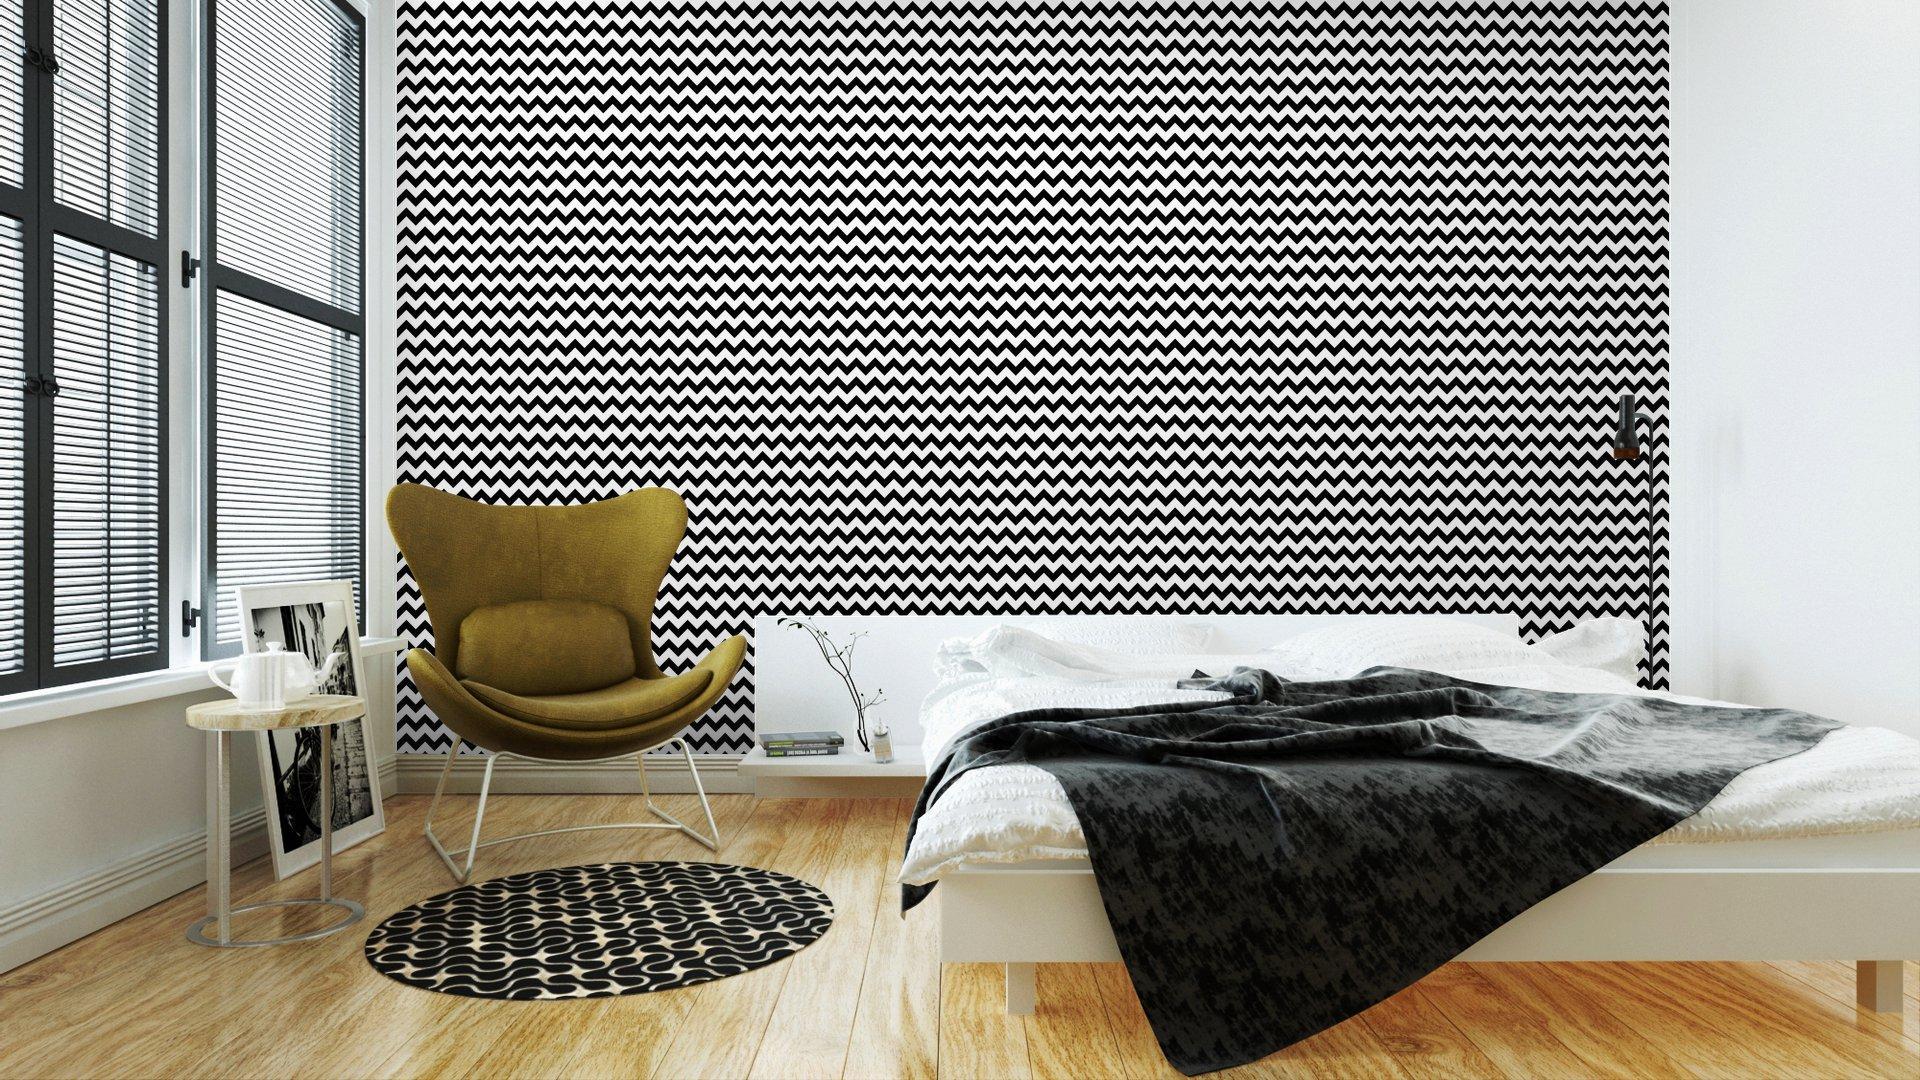 Fotomurales mexico papeles pintados resumen sin patron geometrico zigzag vector 3 - Papel Tapiz Patrón Zigzag Blanco y Negro